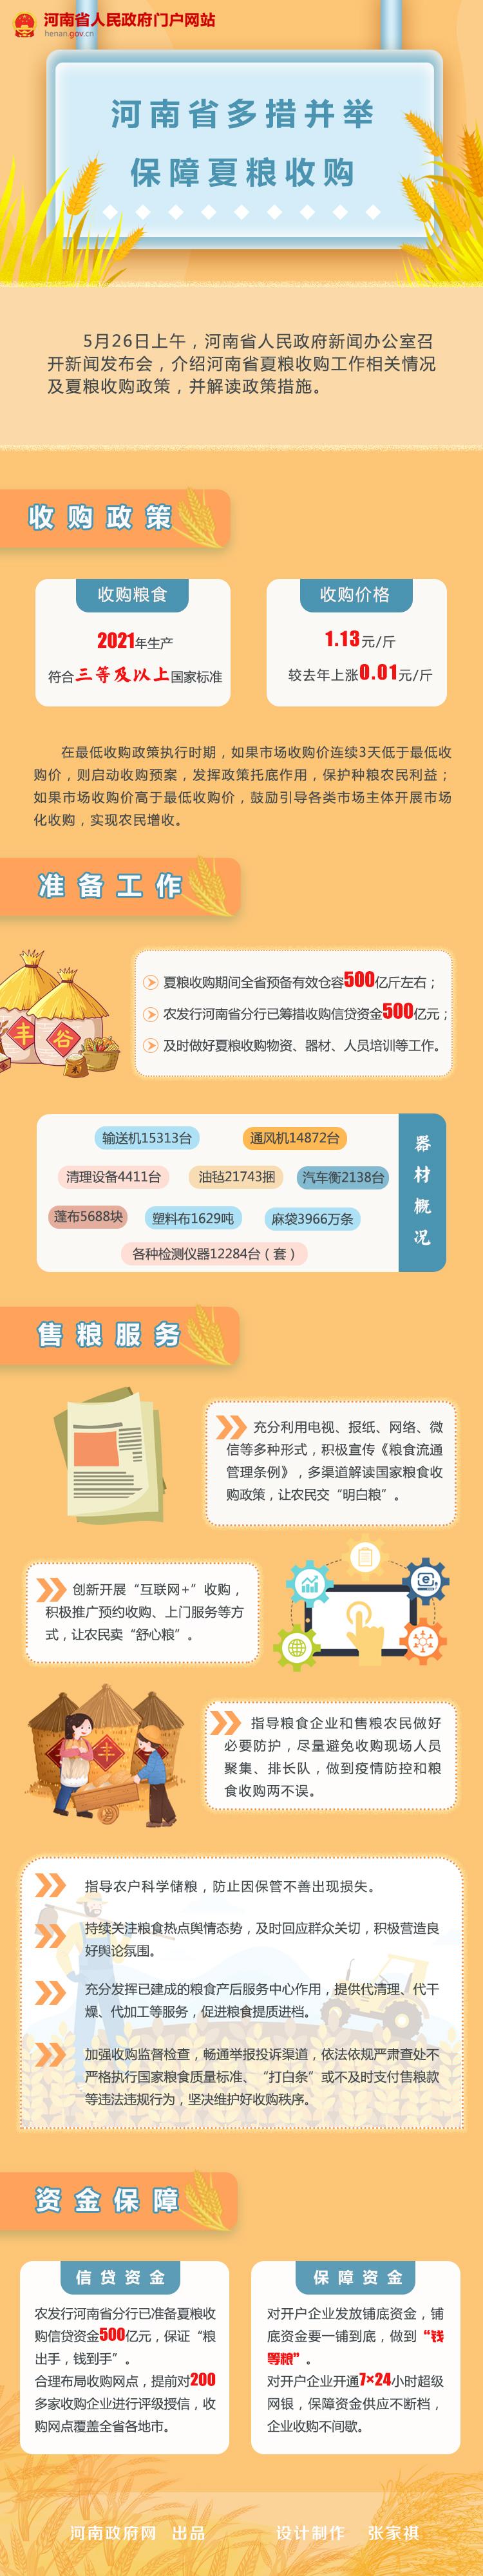 图解:河南省多措并举 保障夏粮收购